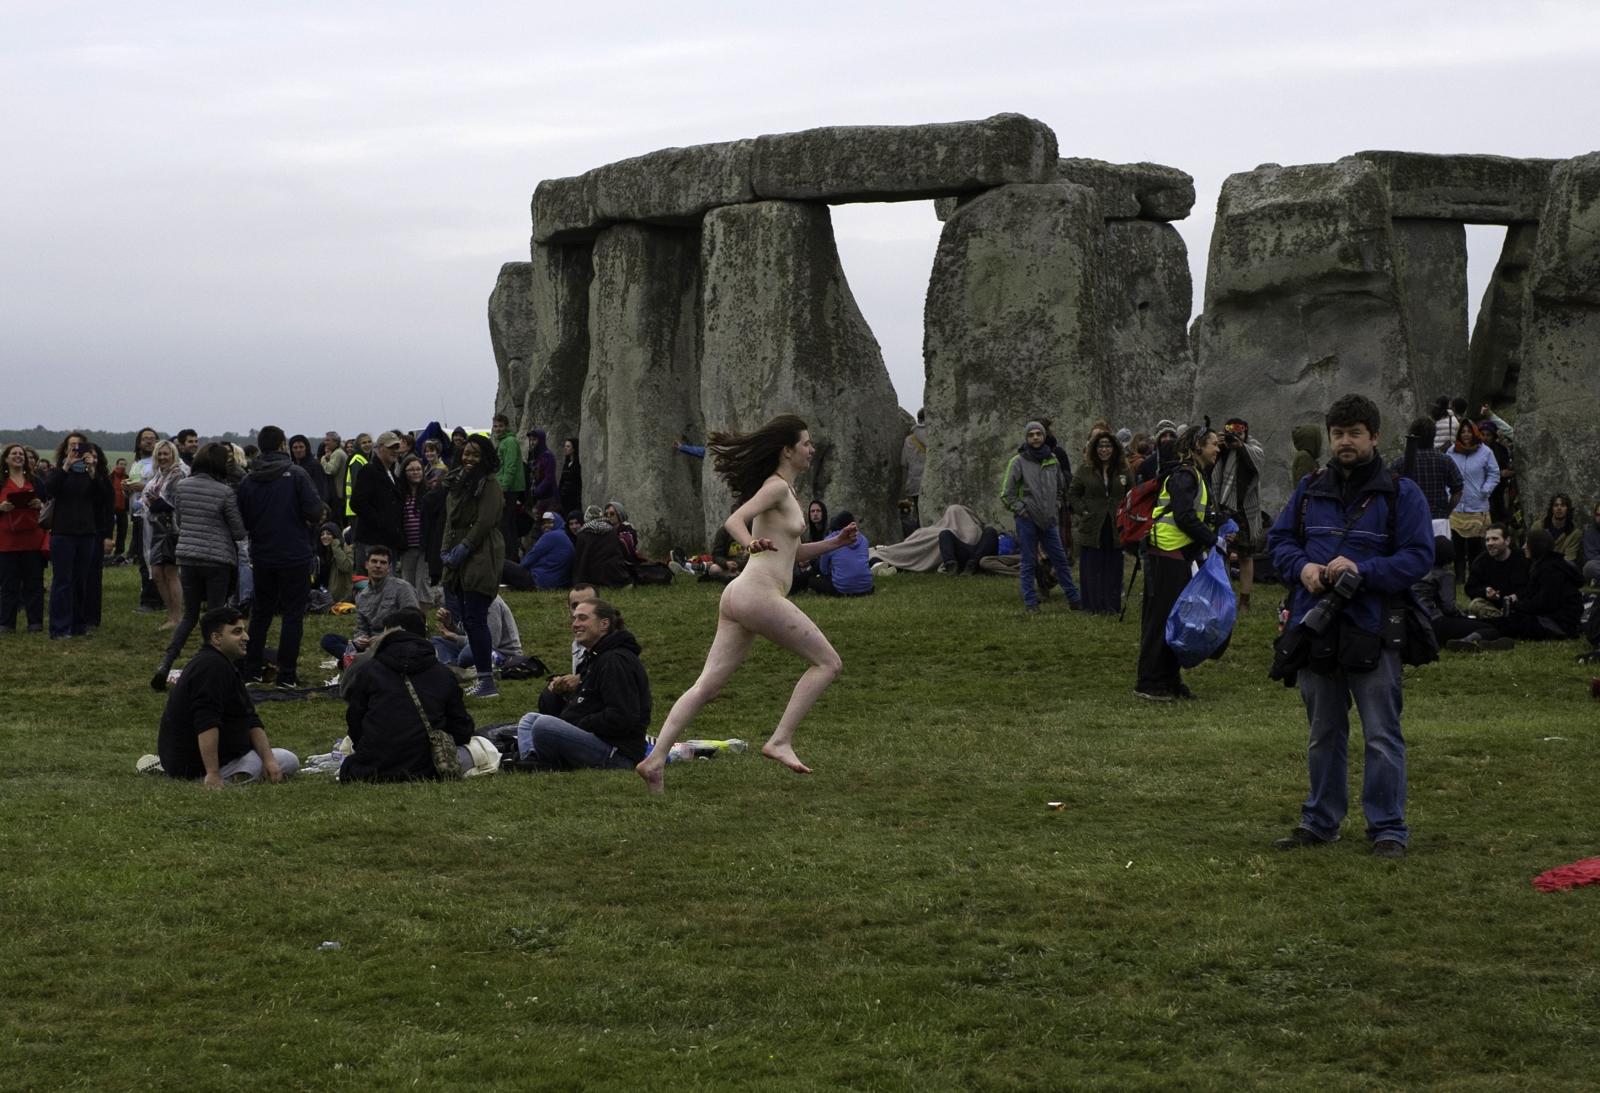 A naked reveller at Stonehenge